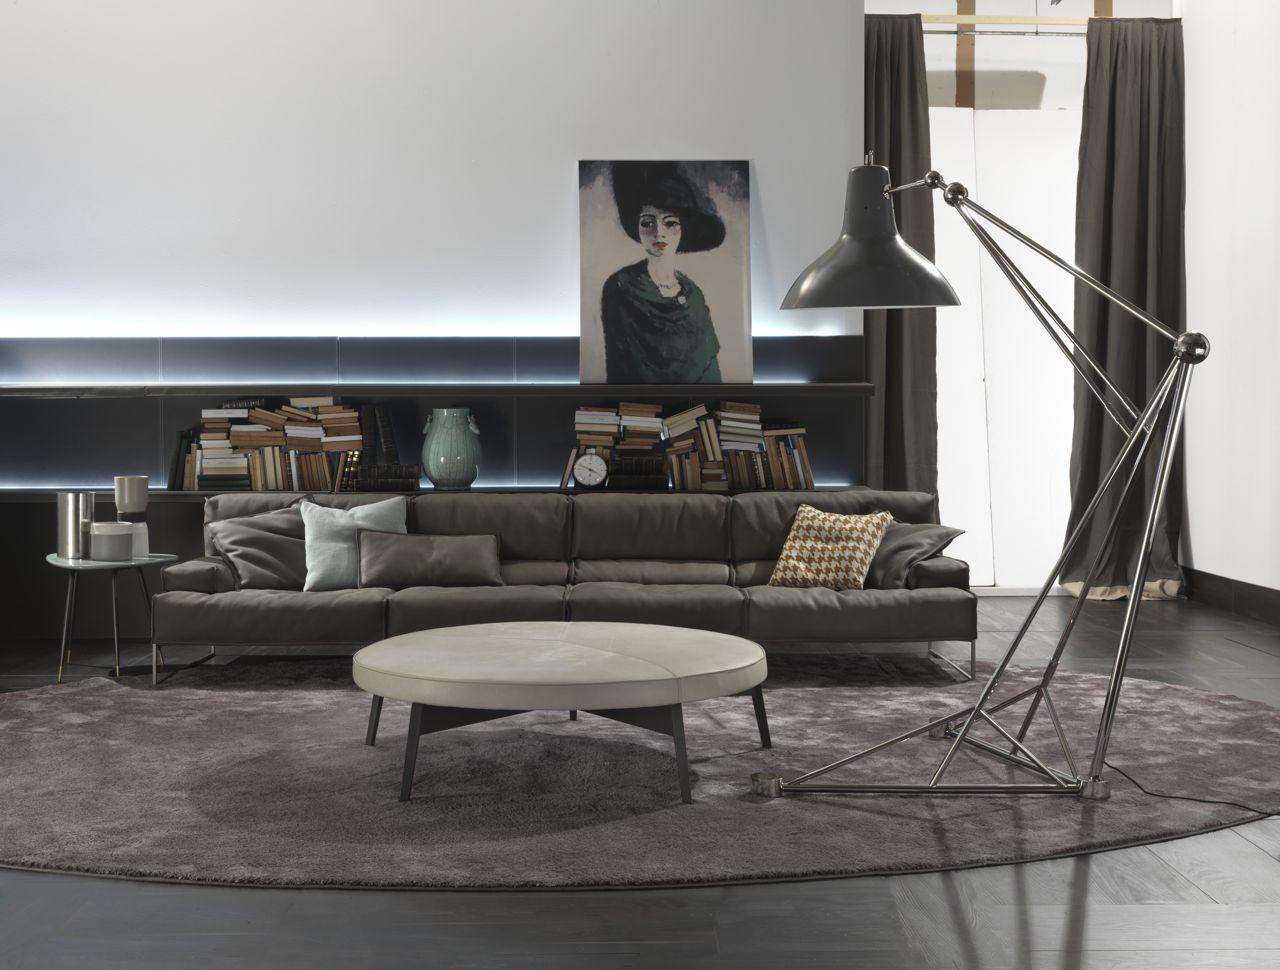 современных напольных светильников современных напольных светильников 10 ярких современных напольных светильников для вашего дома Use floor lamps in your industrial style living room 3